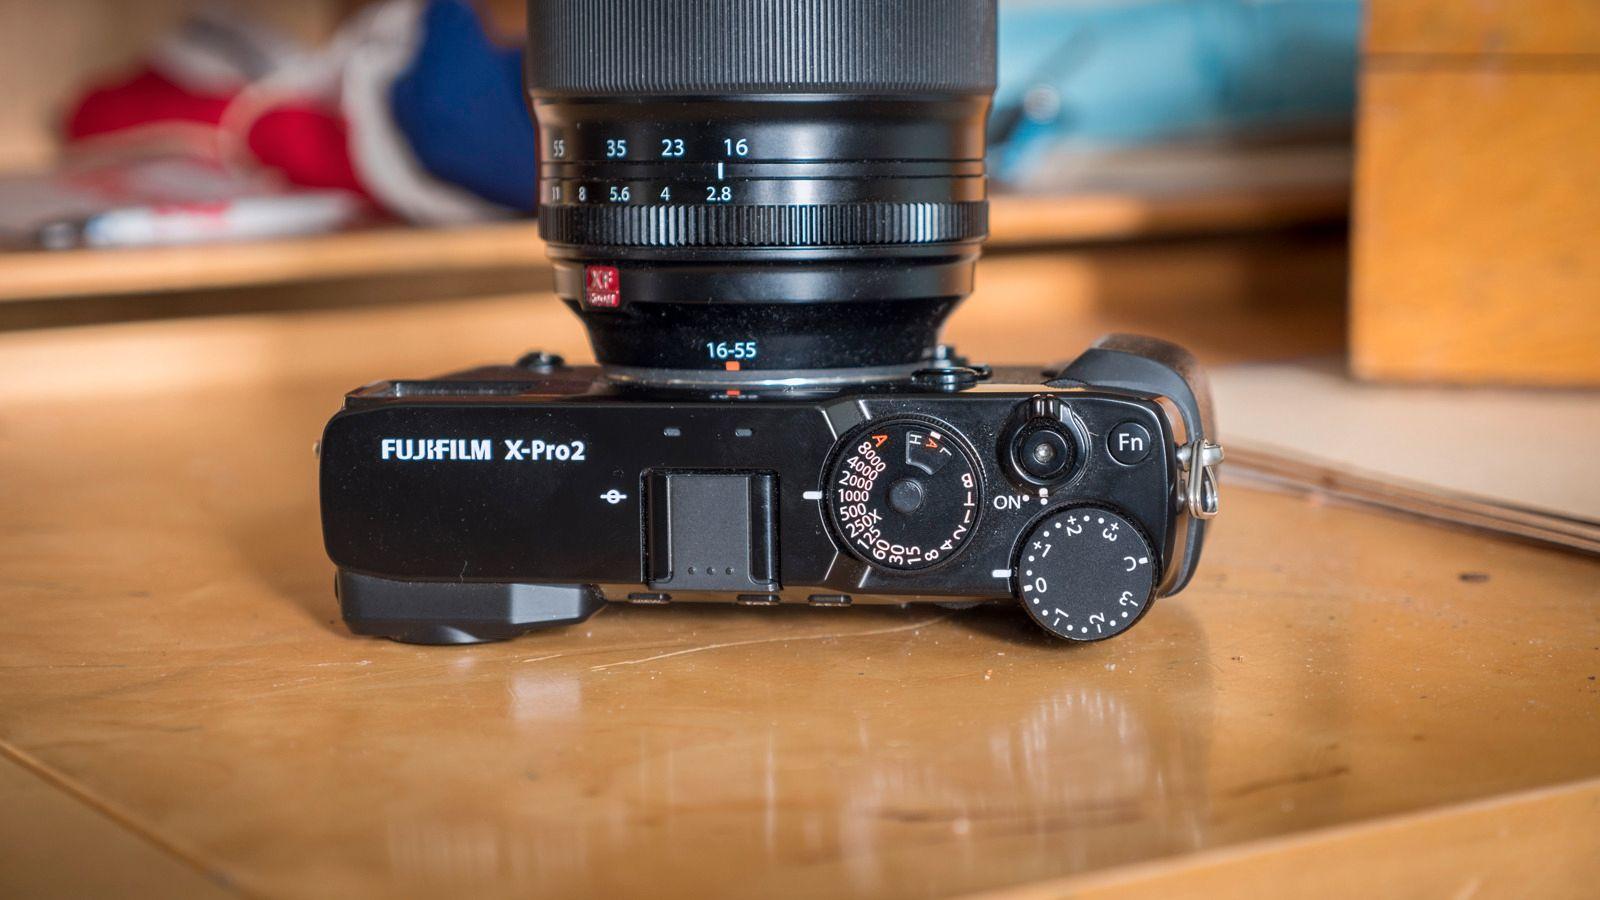 På toppen finner vi Fujifilms sedvanlige retrobetjening. Her er det ikke noe modushjul for auto, portrett, fyrverkeri og så videre, men et hjul for lukkertid og blenderring på optikken. Denne gangen har de faktisk tatt det enda ett steg lengre, og nå finner vi ISO-en i et lite vindu på lukkerhjulet, slik som man gjorde for å sette ASA-verdien i gode gamle dager.